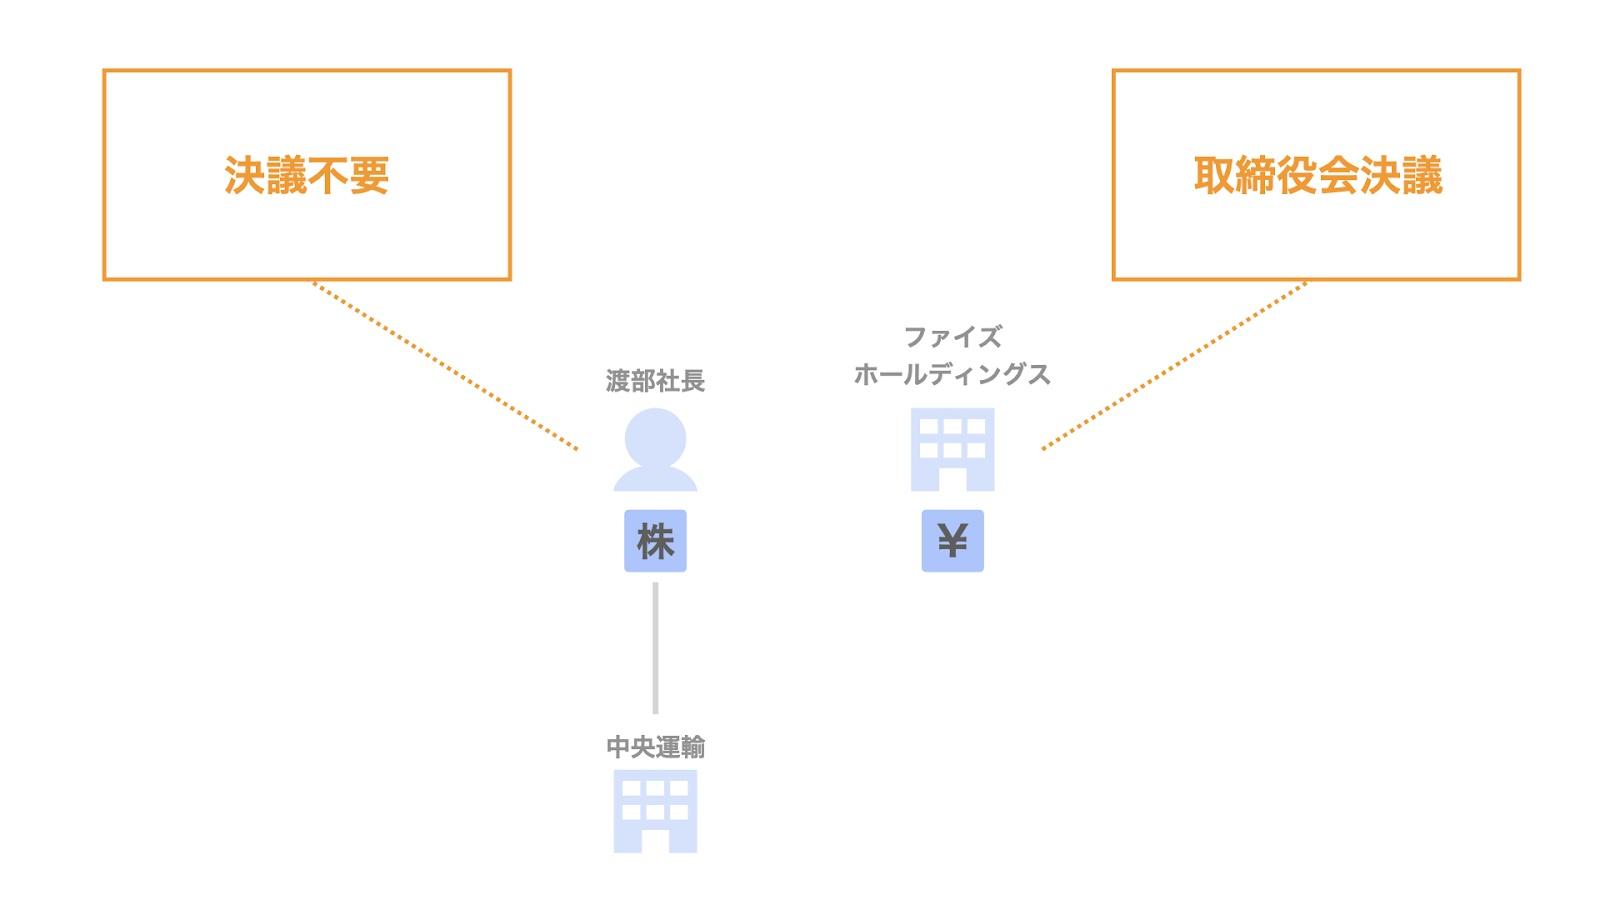 渡における法務関連の手続